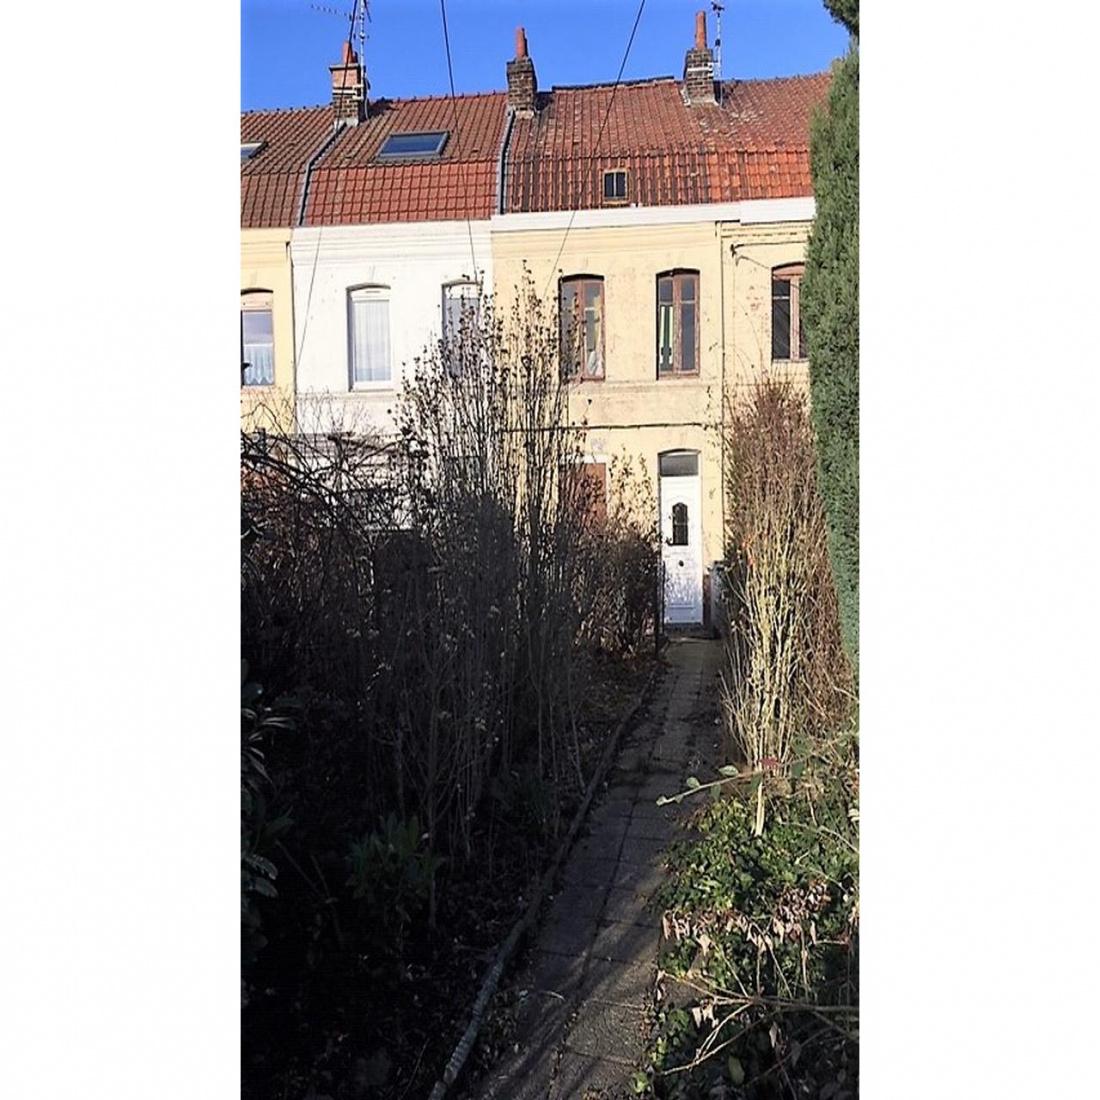 Maison Avec Travaux 77 vente maison avec travaux. | abrinor